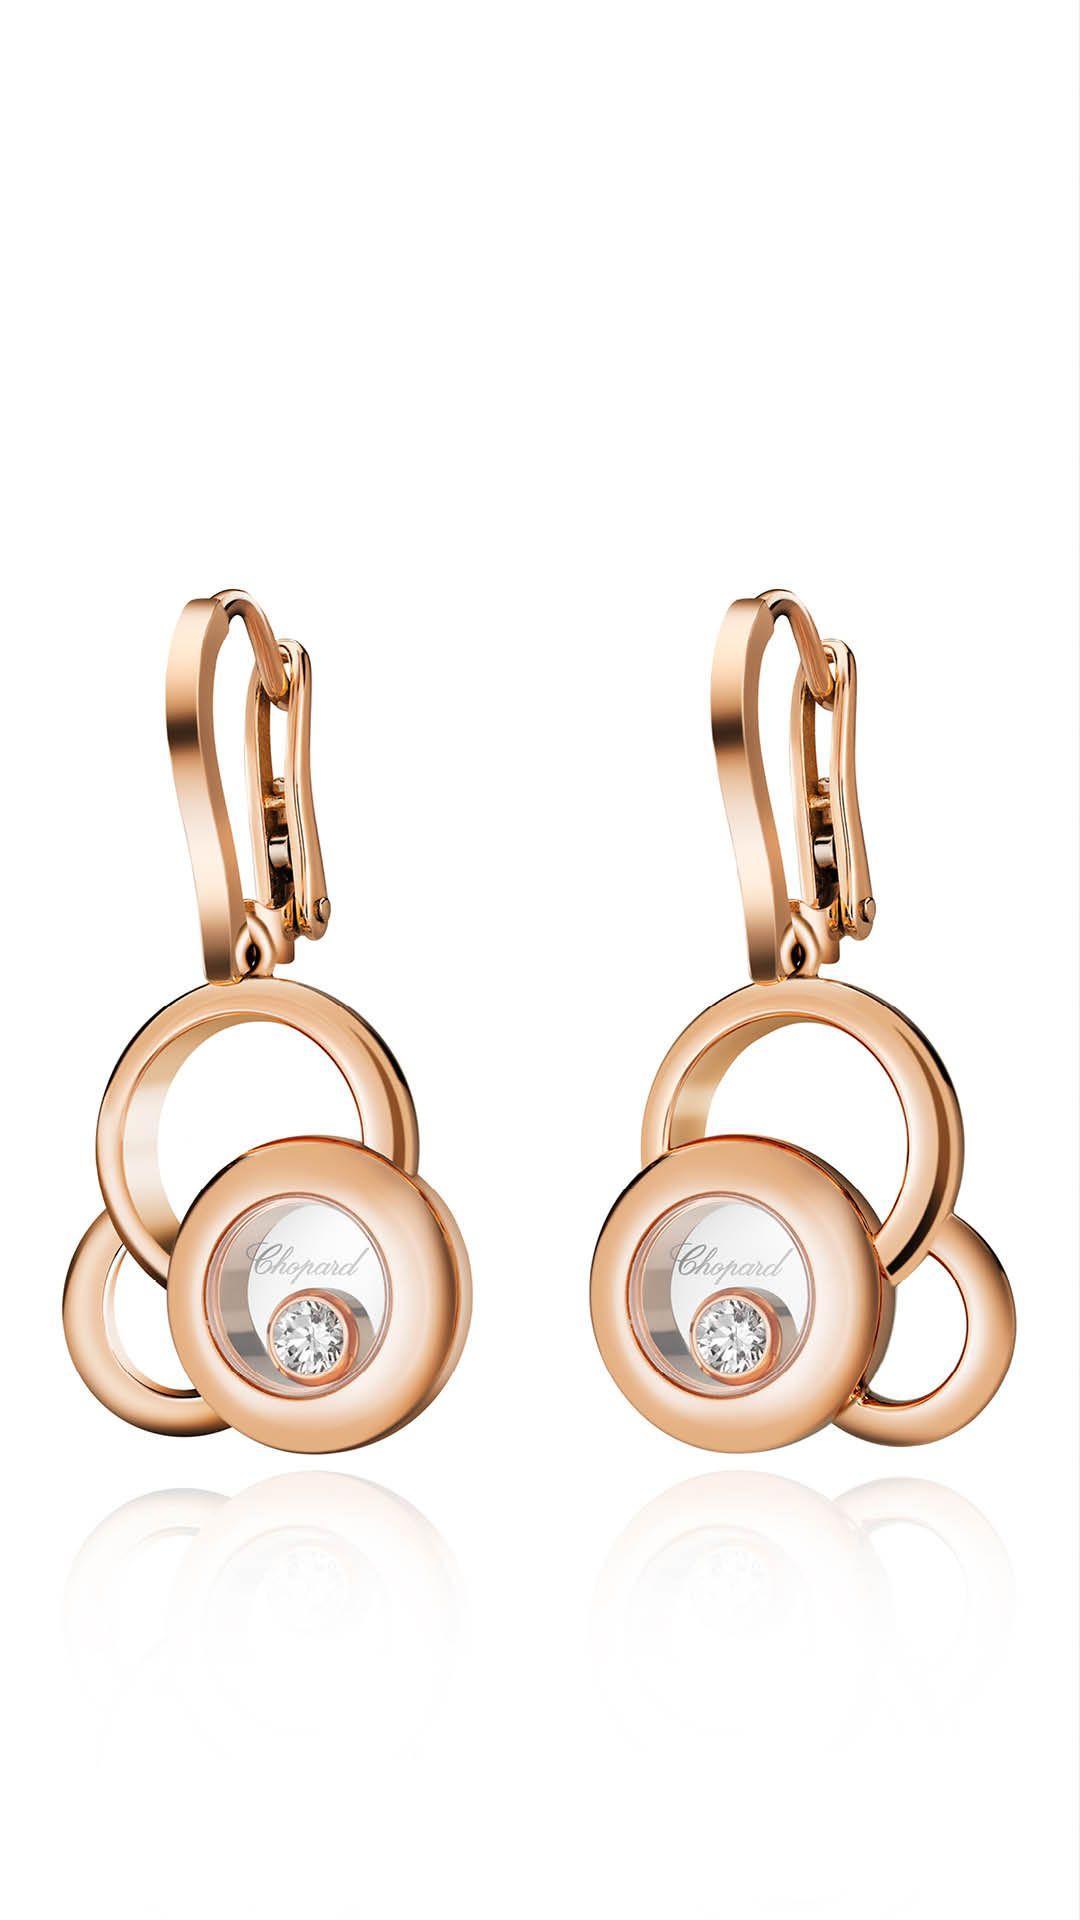 Chopard Happy Dreams Yellow Gold Diamond Earrings